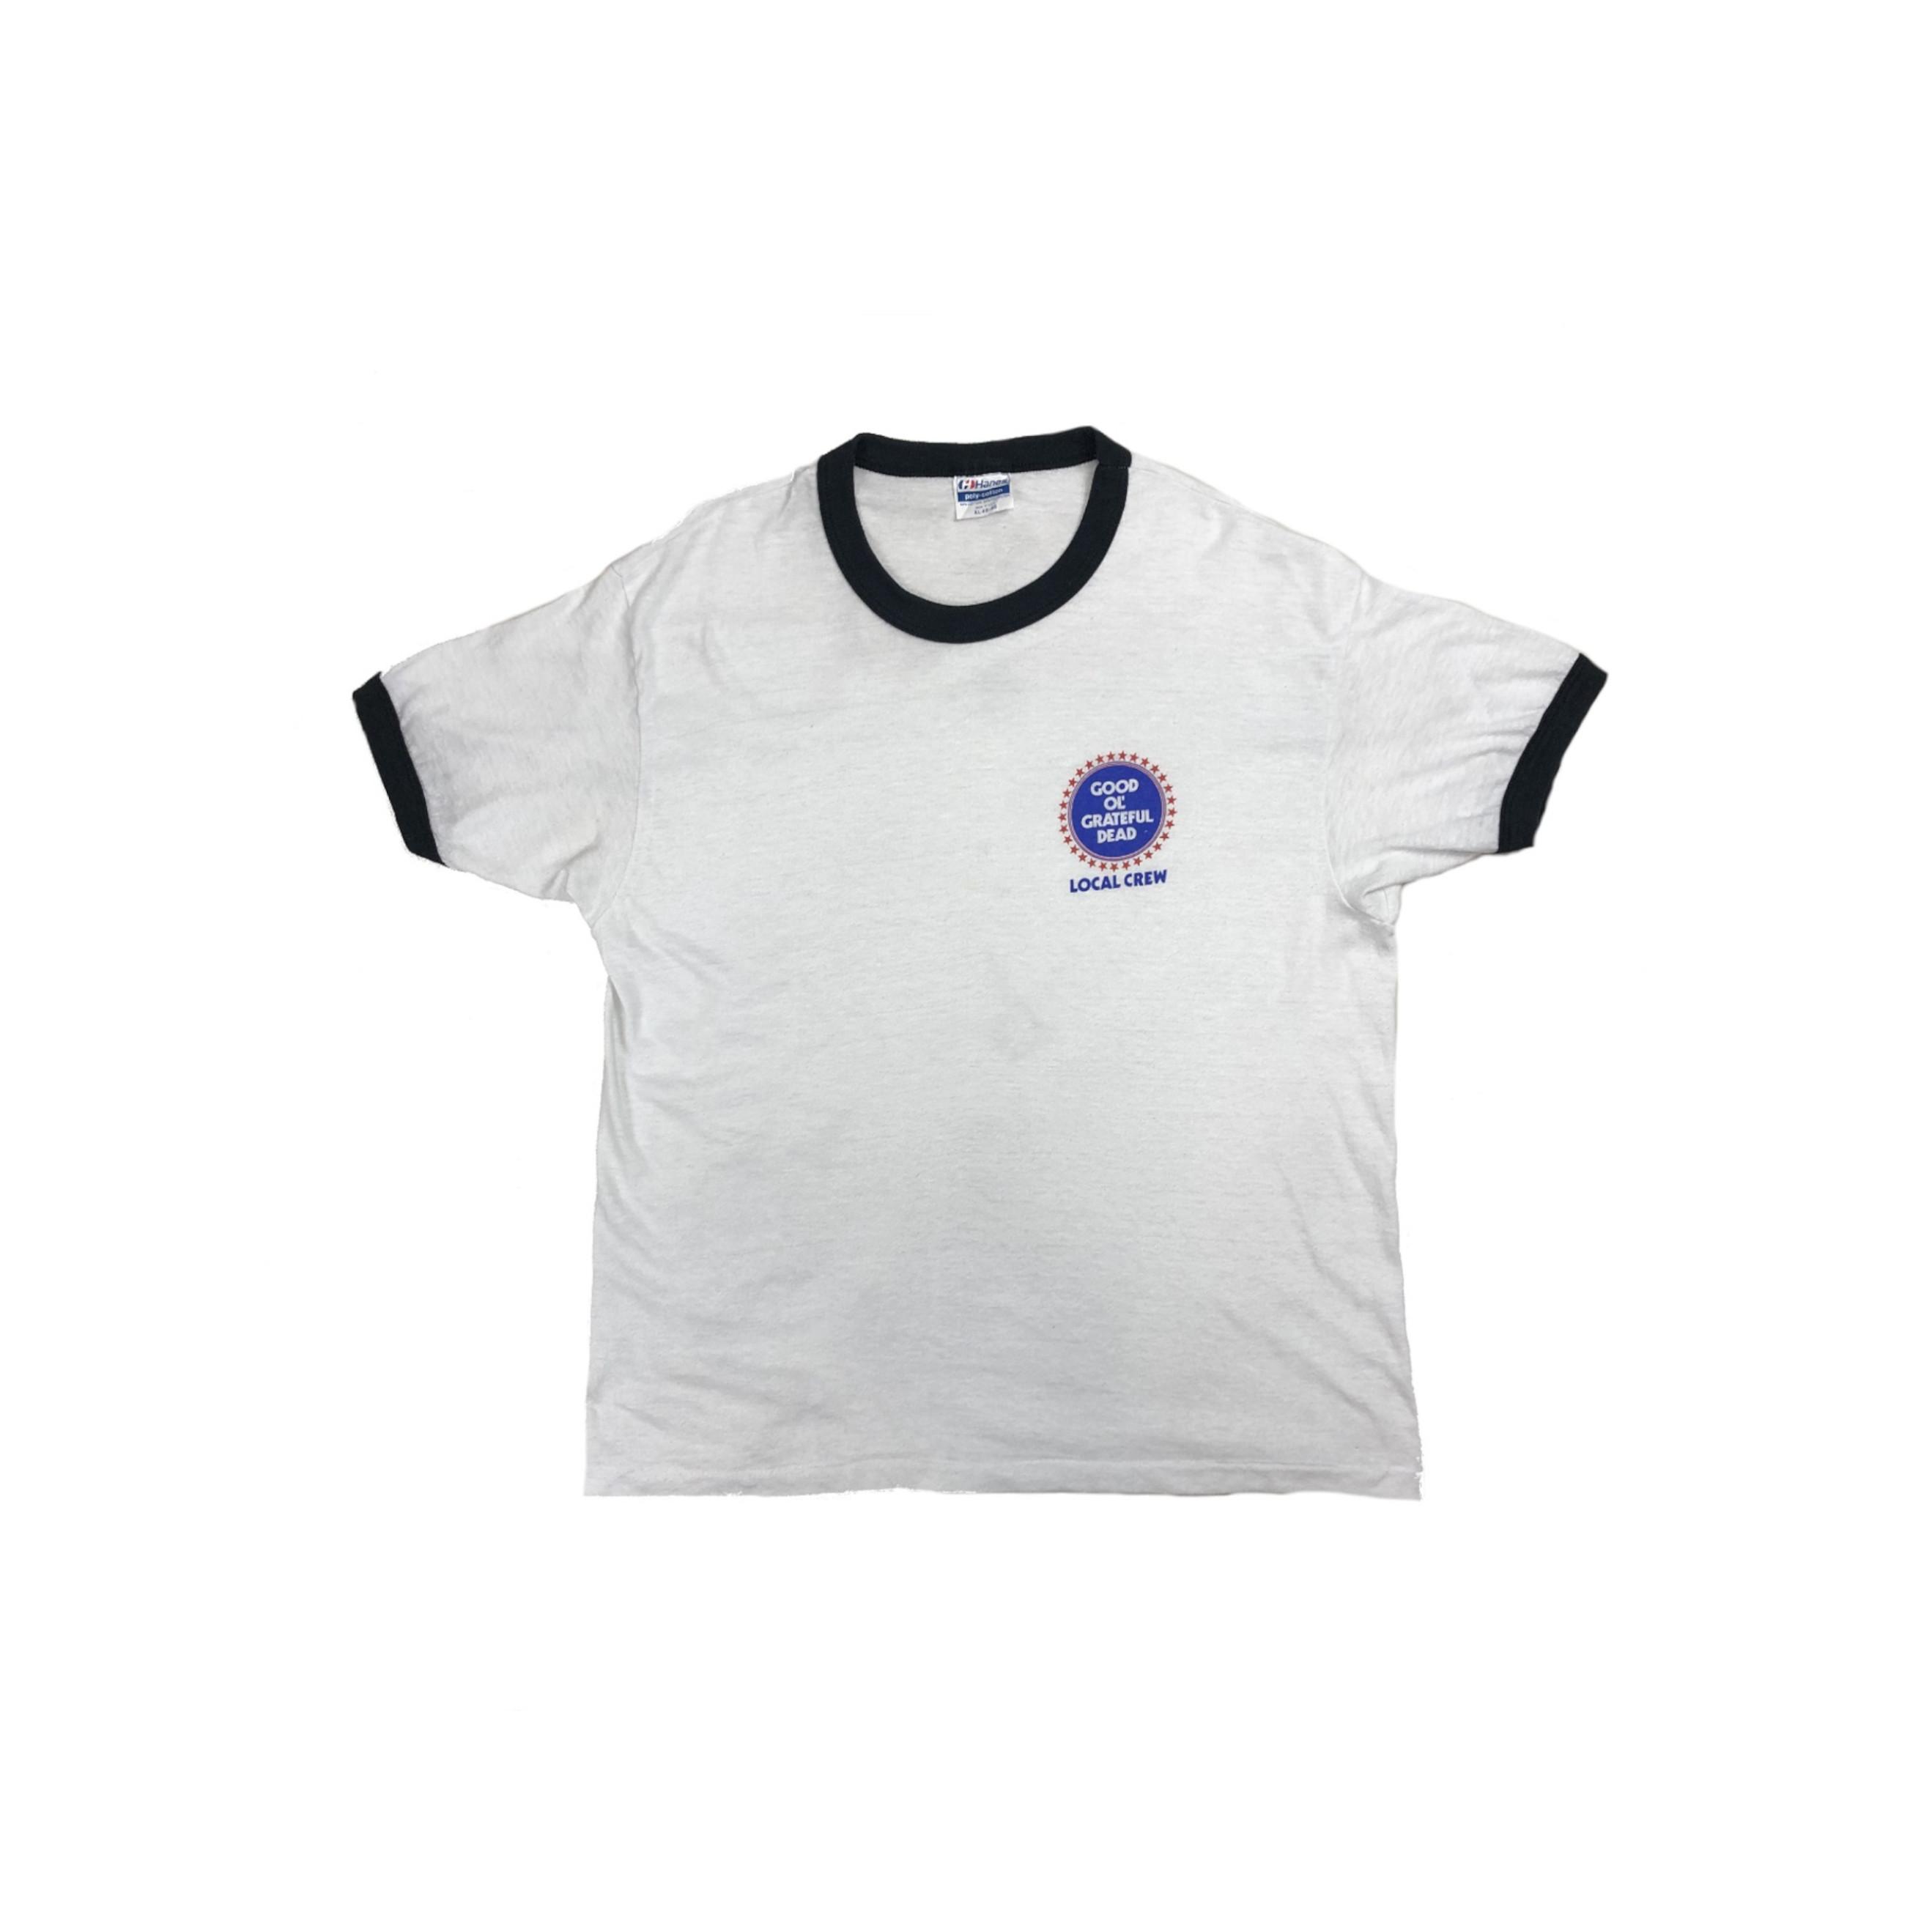 80's GRATEFUL DEAD / LOCAL CREW リンガー TEE Tシャツ専門のビンテージショップ